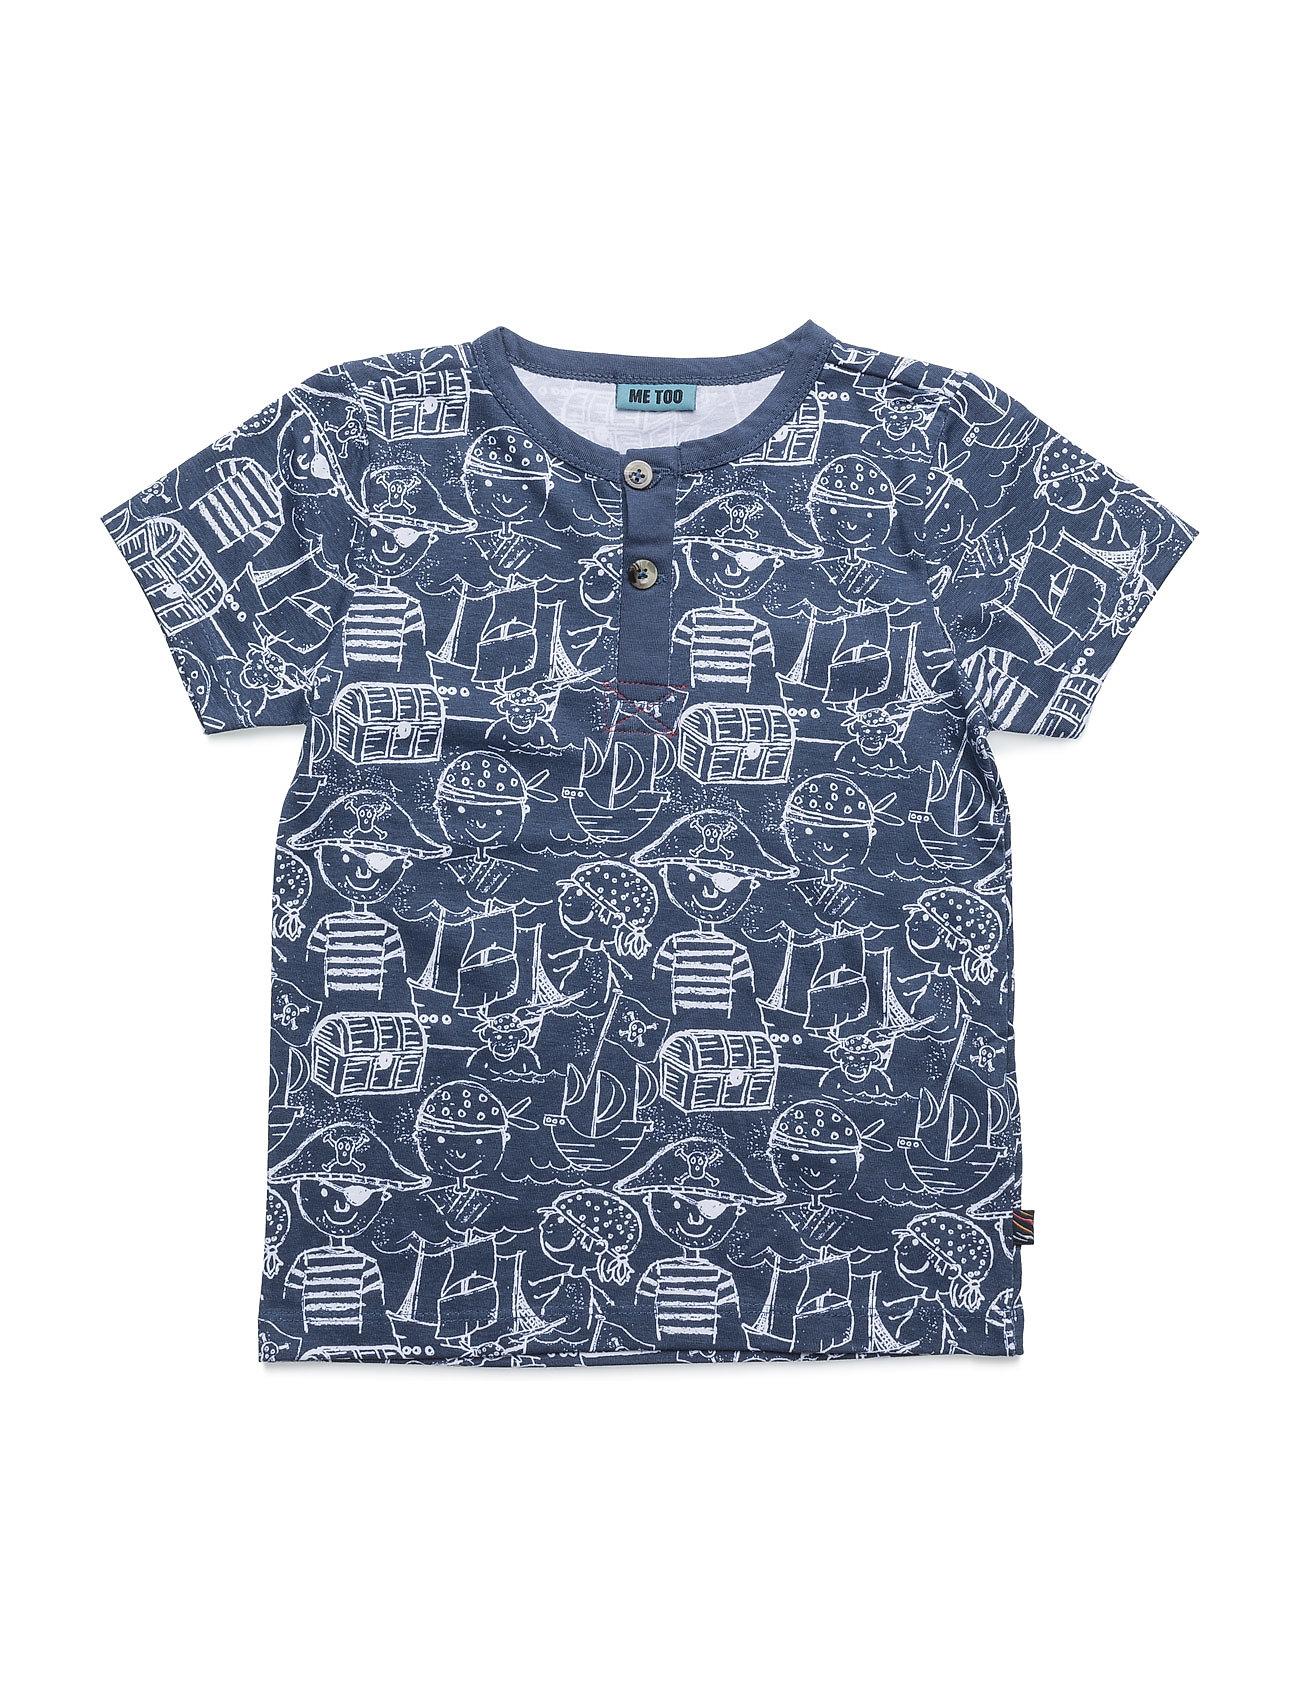 Lau 278 -Top Ss MeToo Kortærmede t-shirts til Børn i Mørk Denim